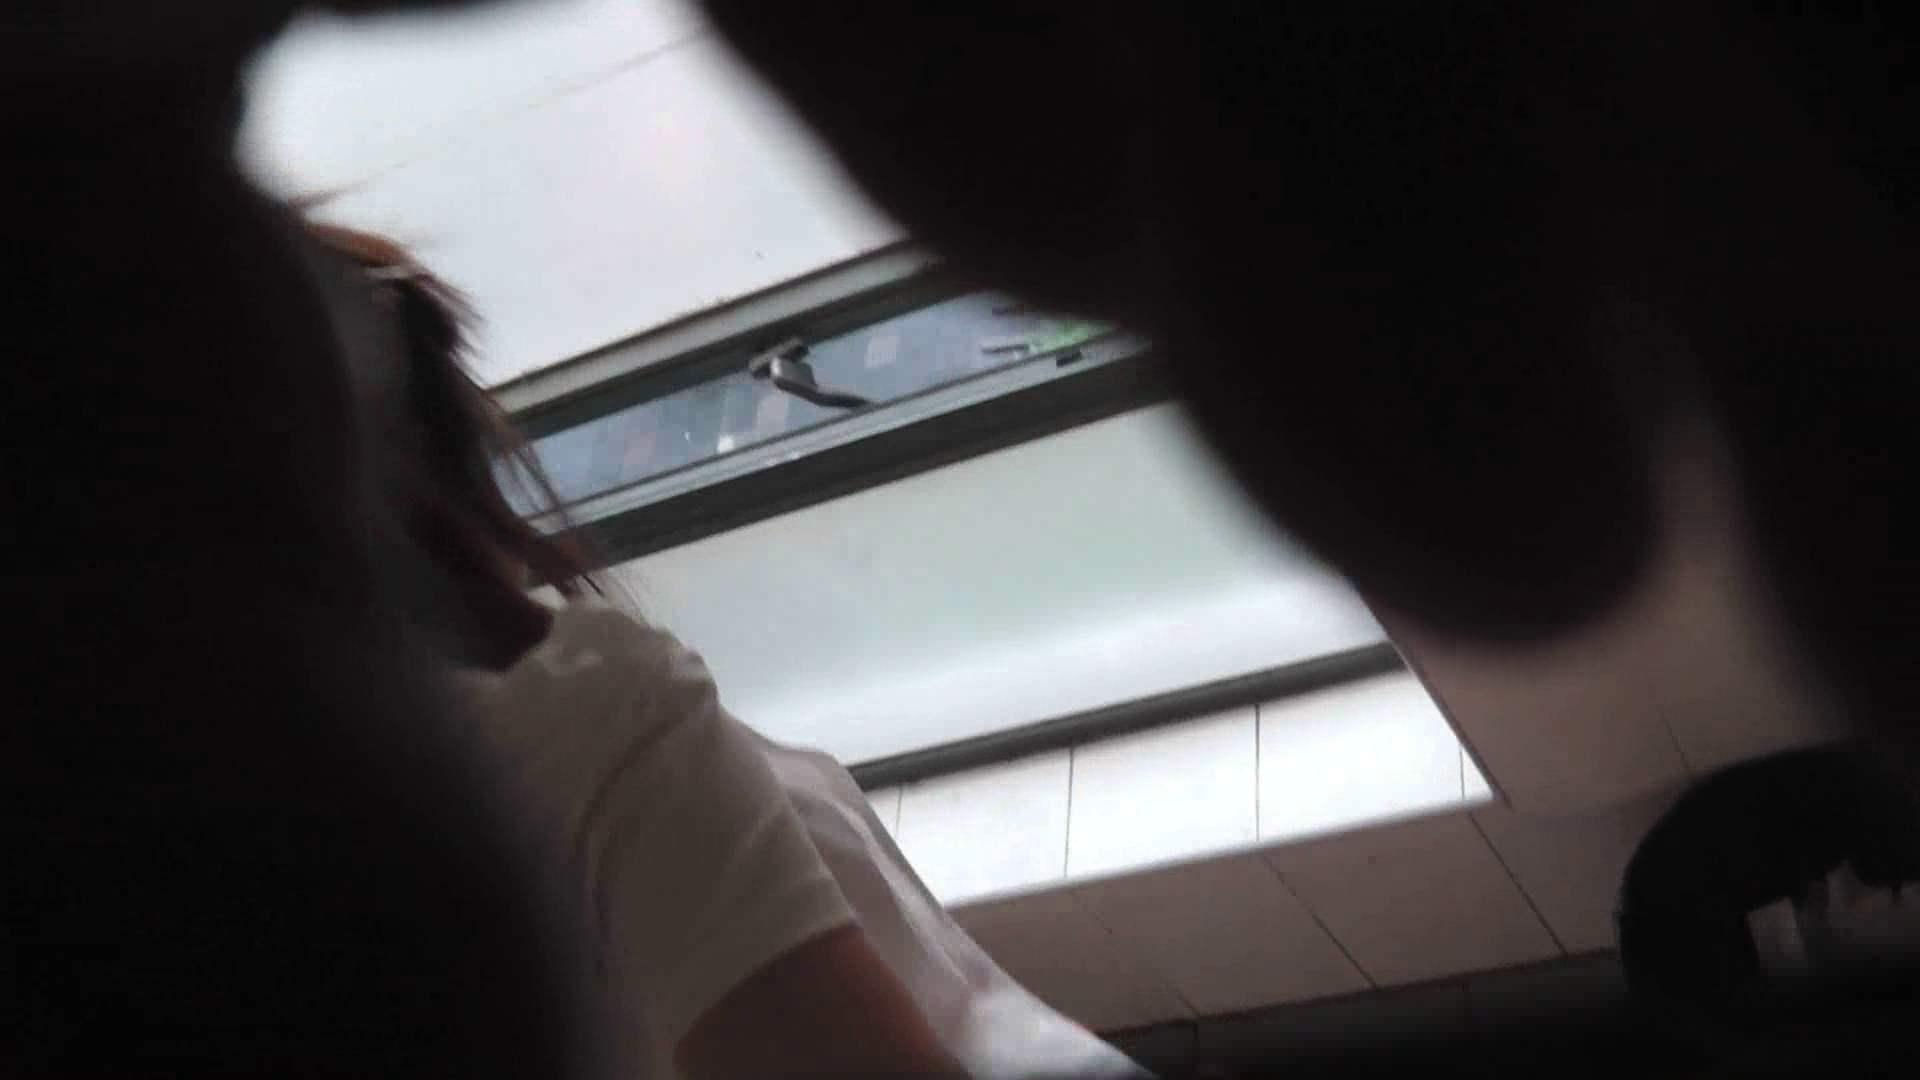 世界の射窓から ステーション編 vol.17厦大女厕偷拍 qianp 洗面所  87PIX 60